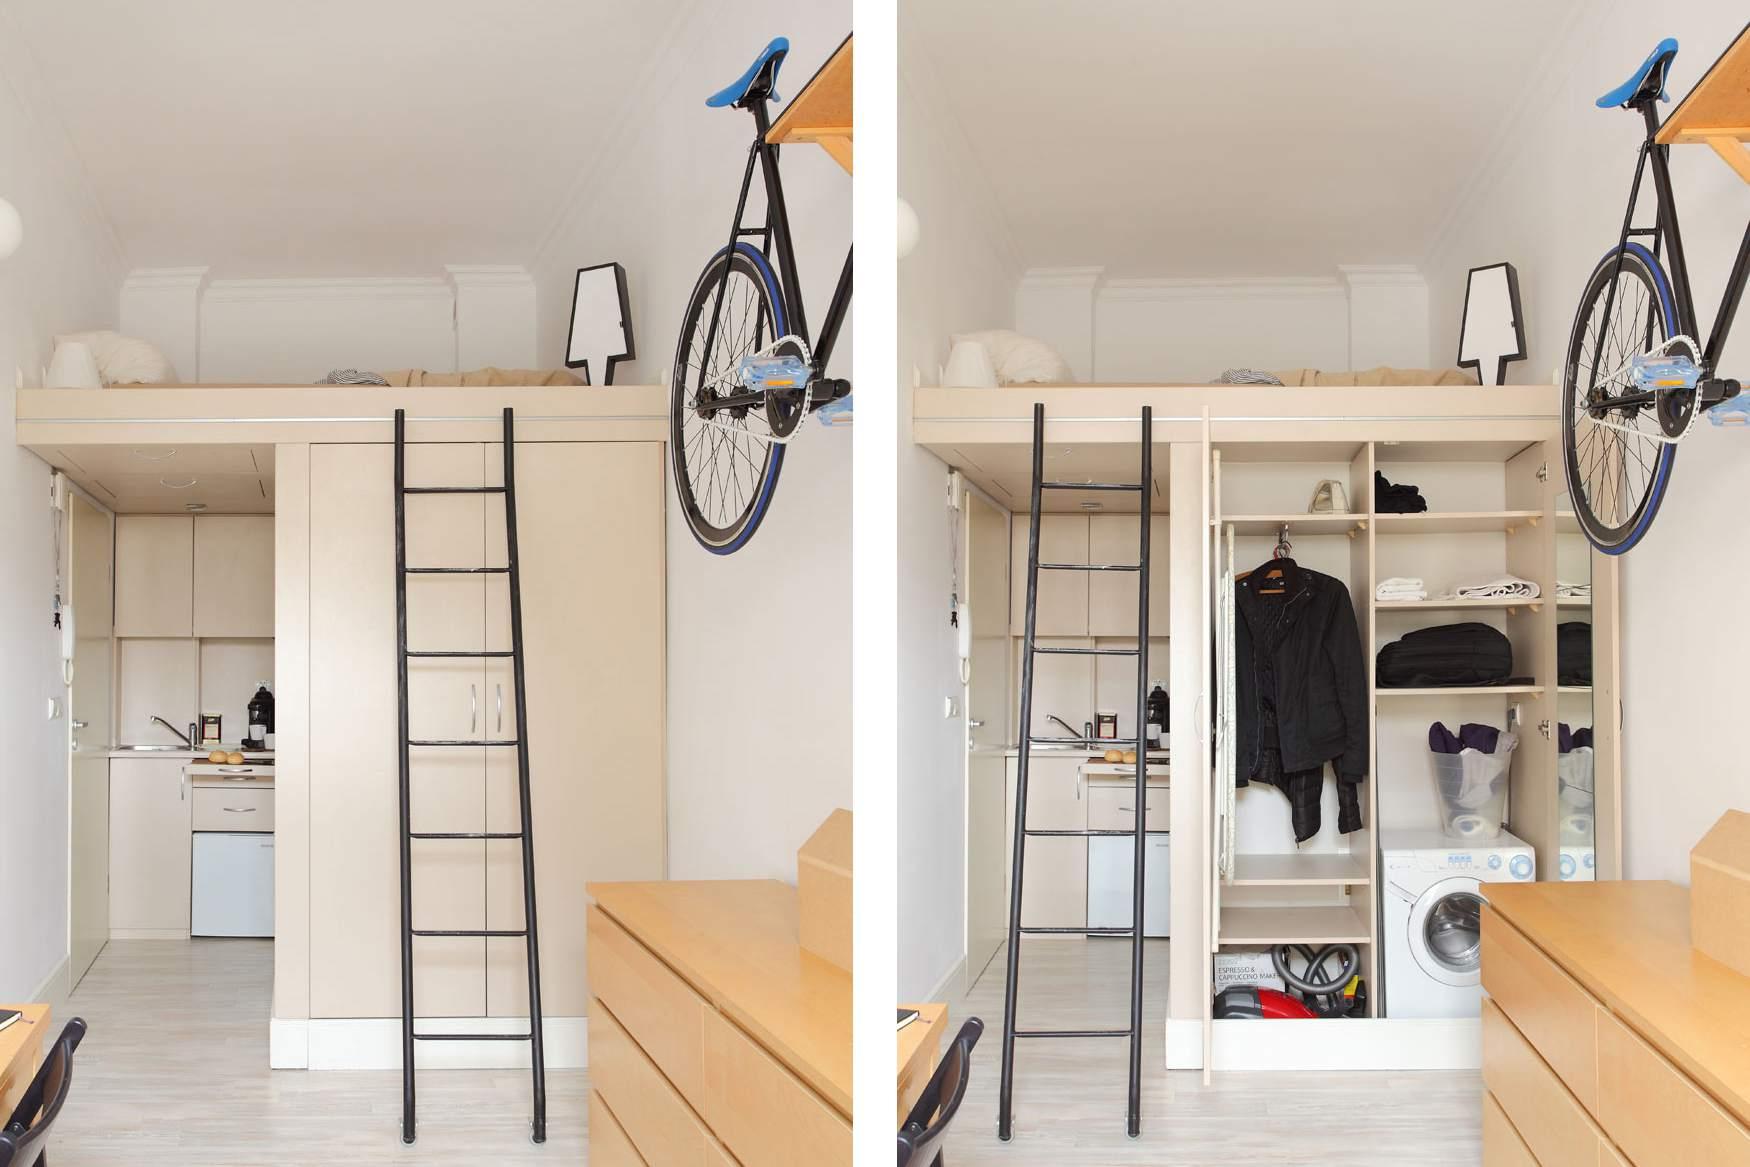 Storage in Super Efficient 140 Square Foot Urban Apartment